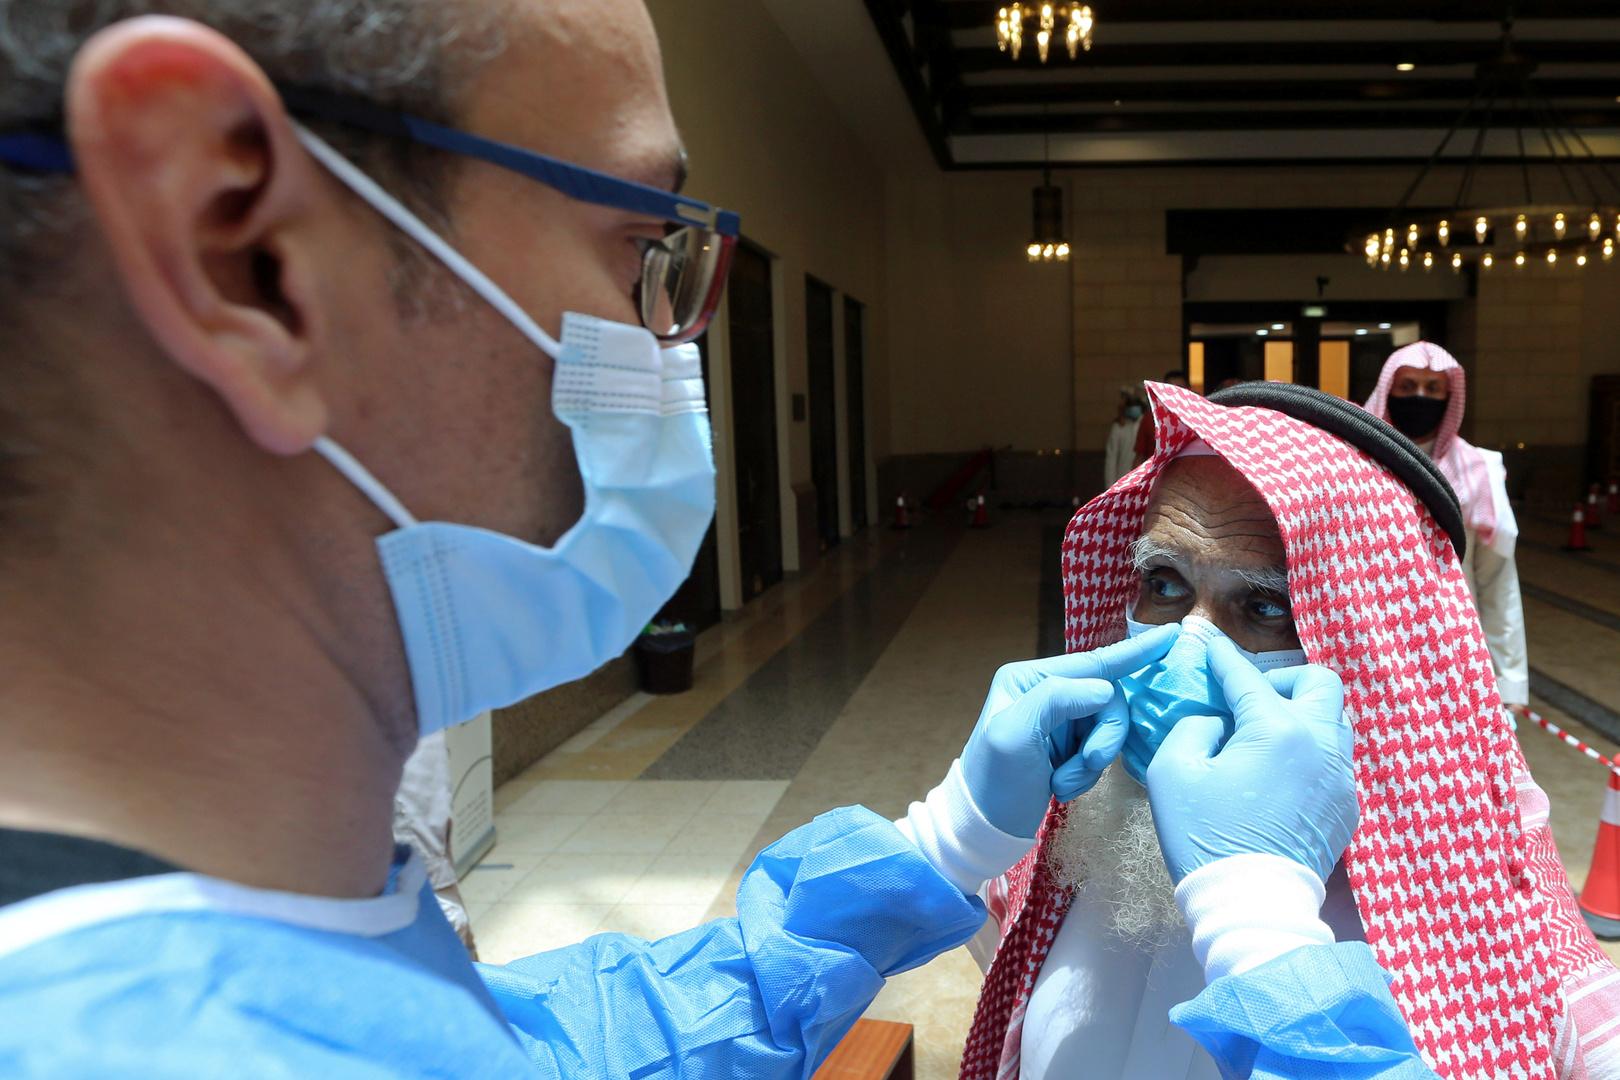 السعودية.. 45 وفاة جراء كورونا خلال يوم واستقرار في الإصابات الجديدة